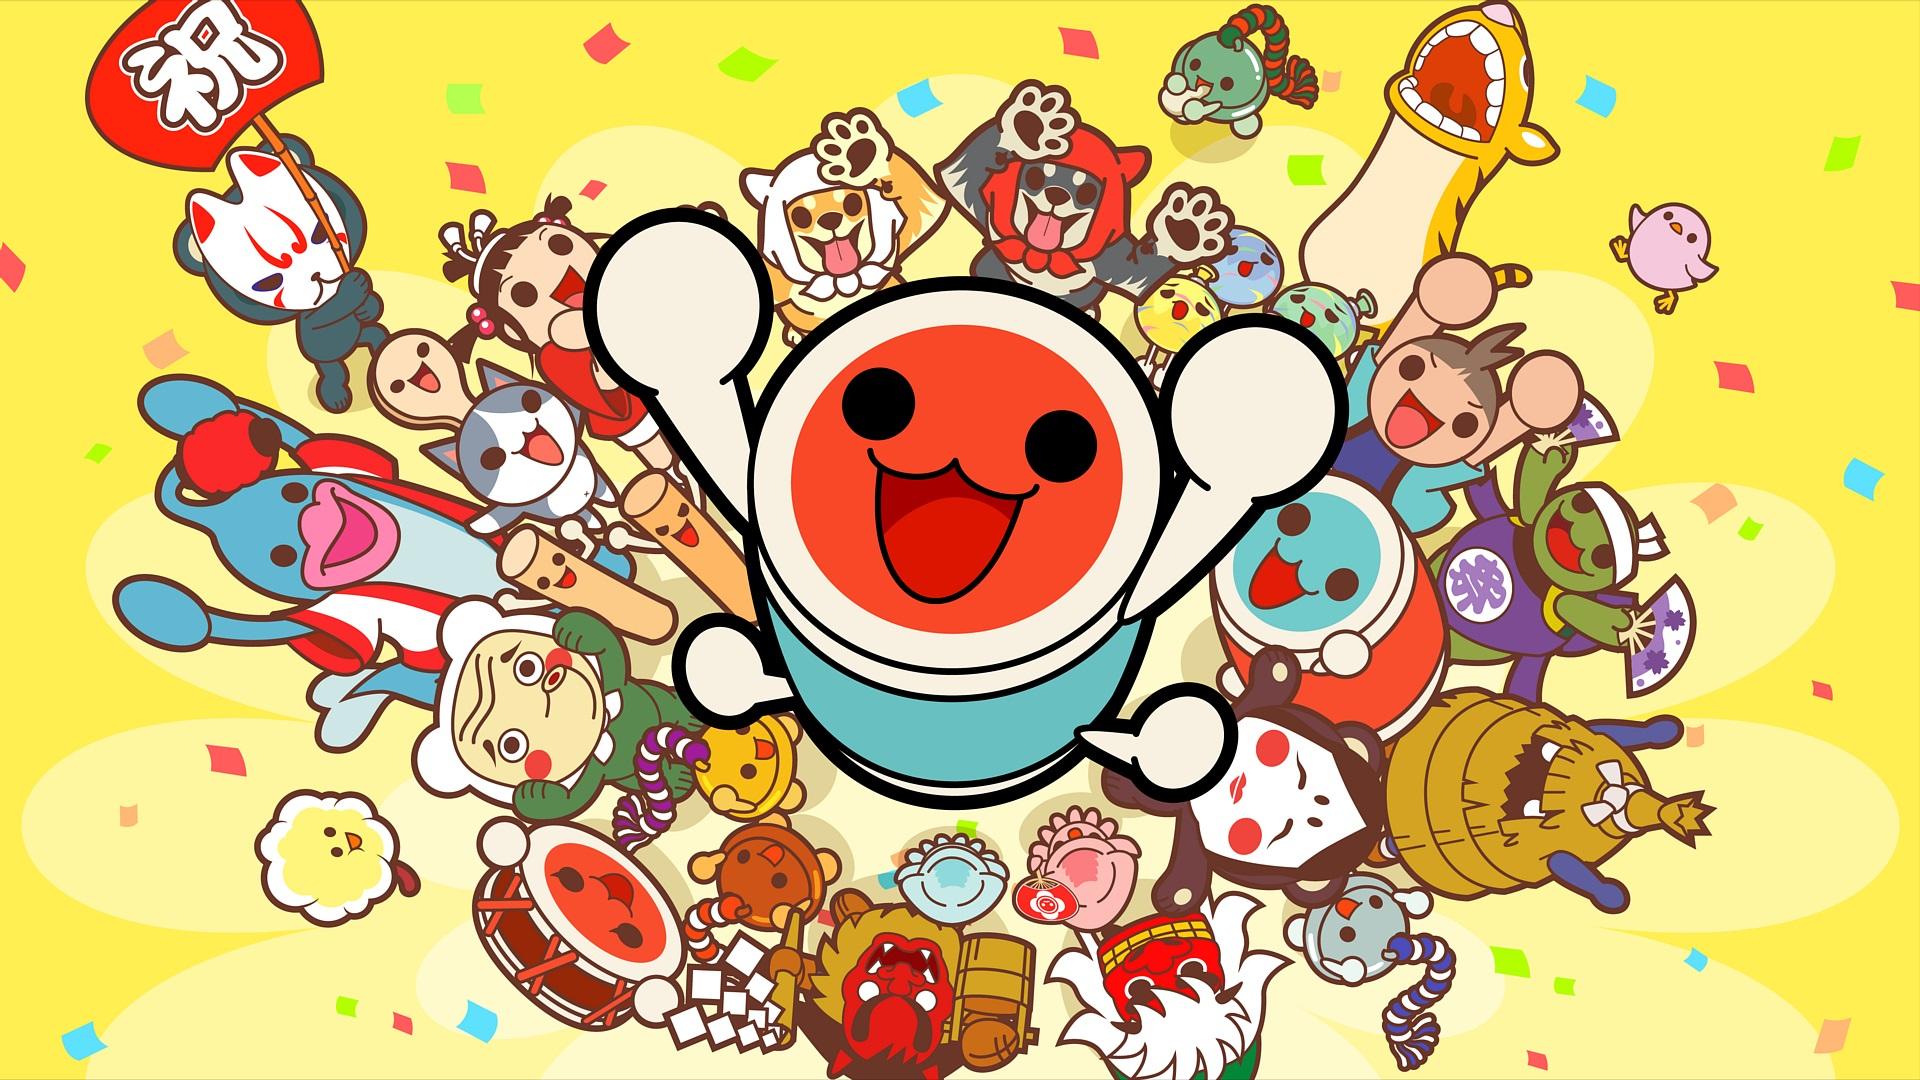 Taiko no Tatsujin: Drum 'n' Fun - 1 million